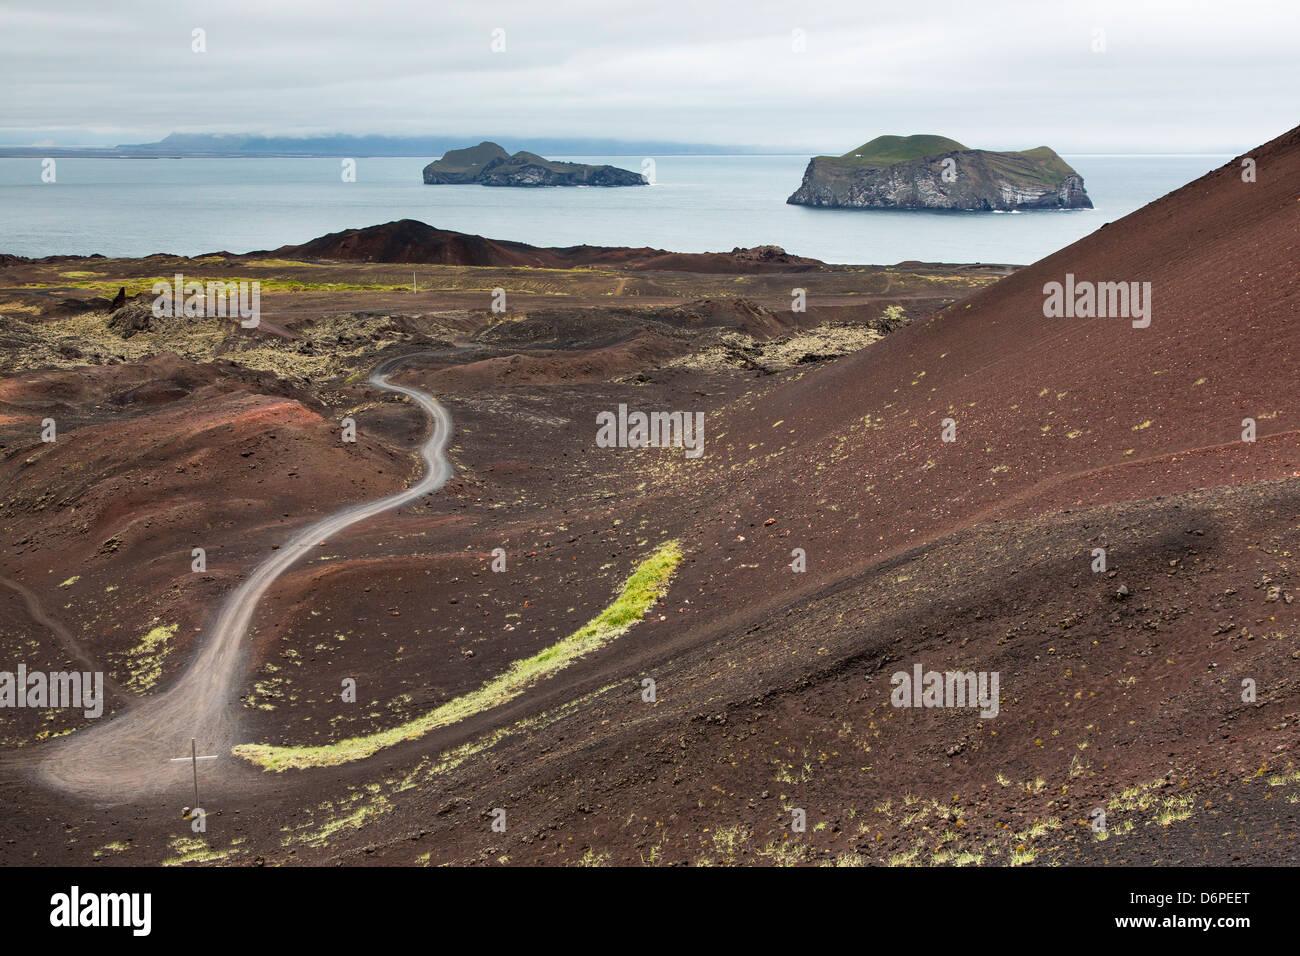 Vistas recientes de lava en la isla de Heimaey, Islandia, las regiones polares Imagen De Stock